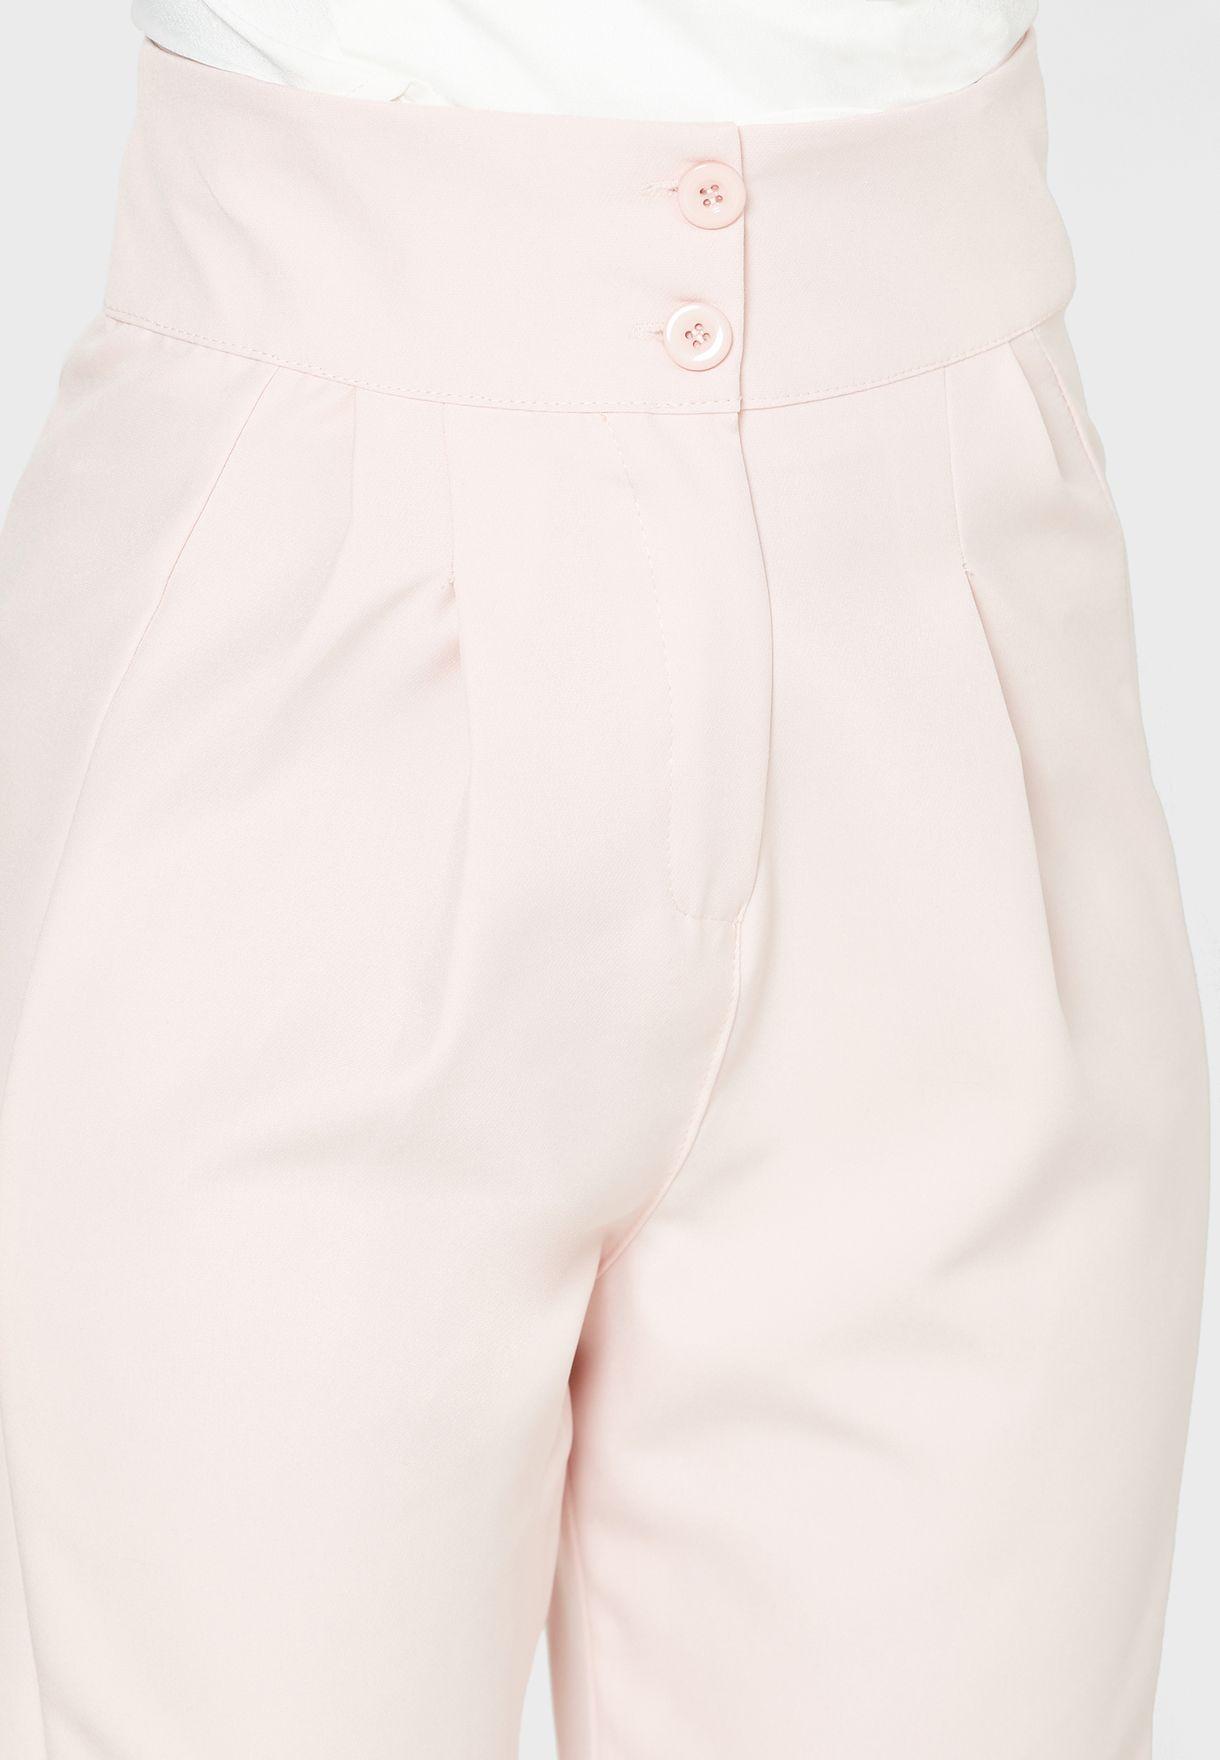 Button Front Pants